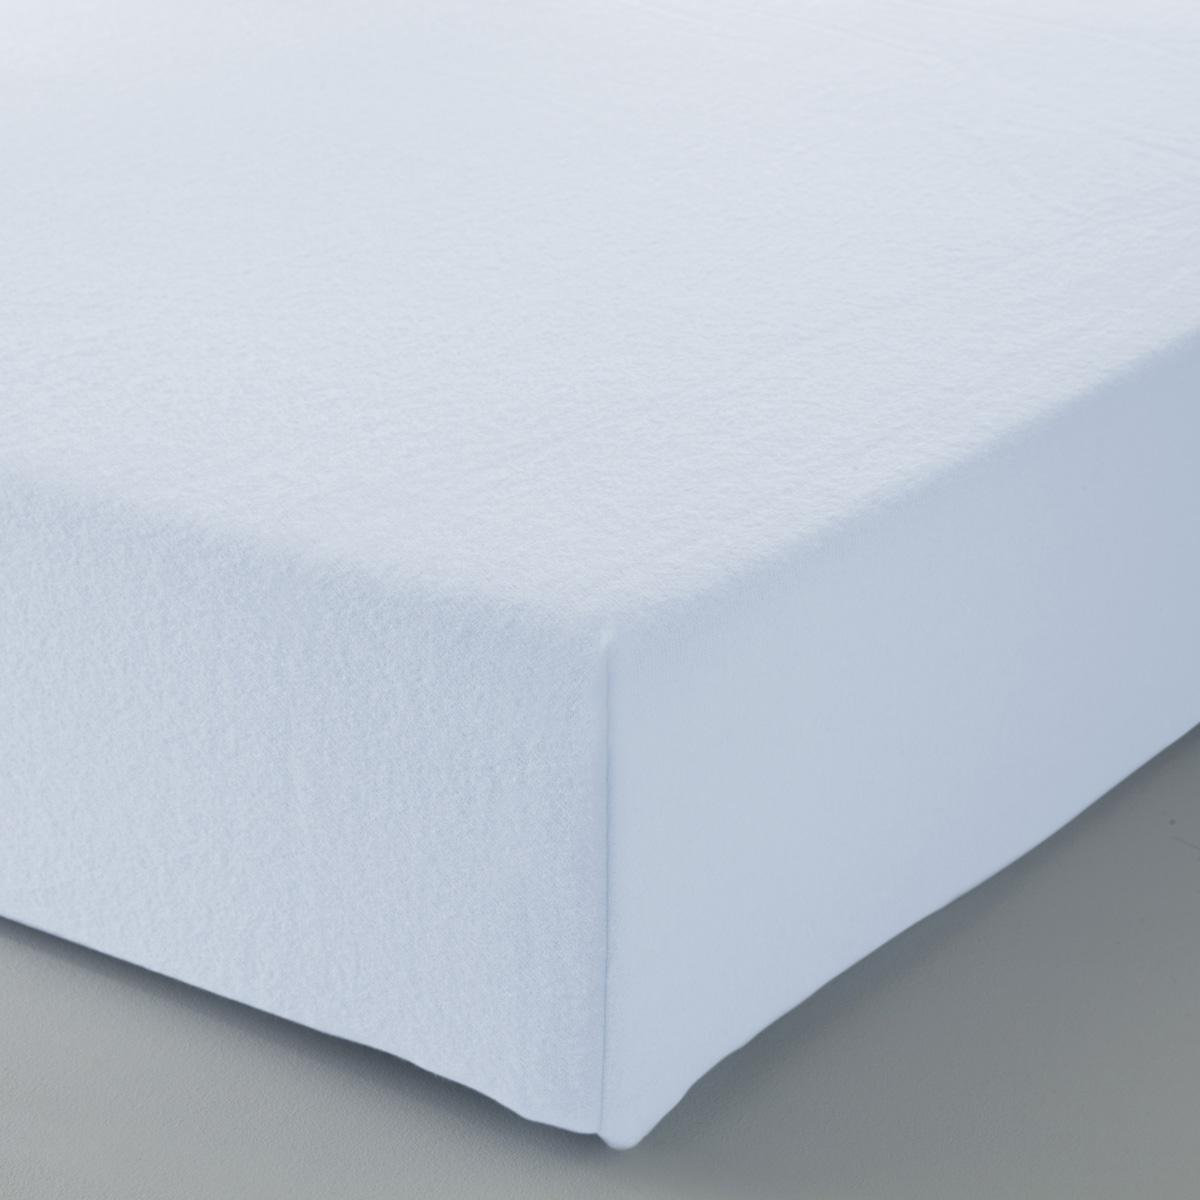 Drap housse uni flanelle linge de lit de qualit for Housse flanelle